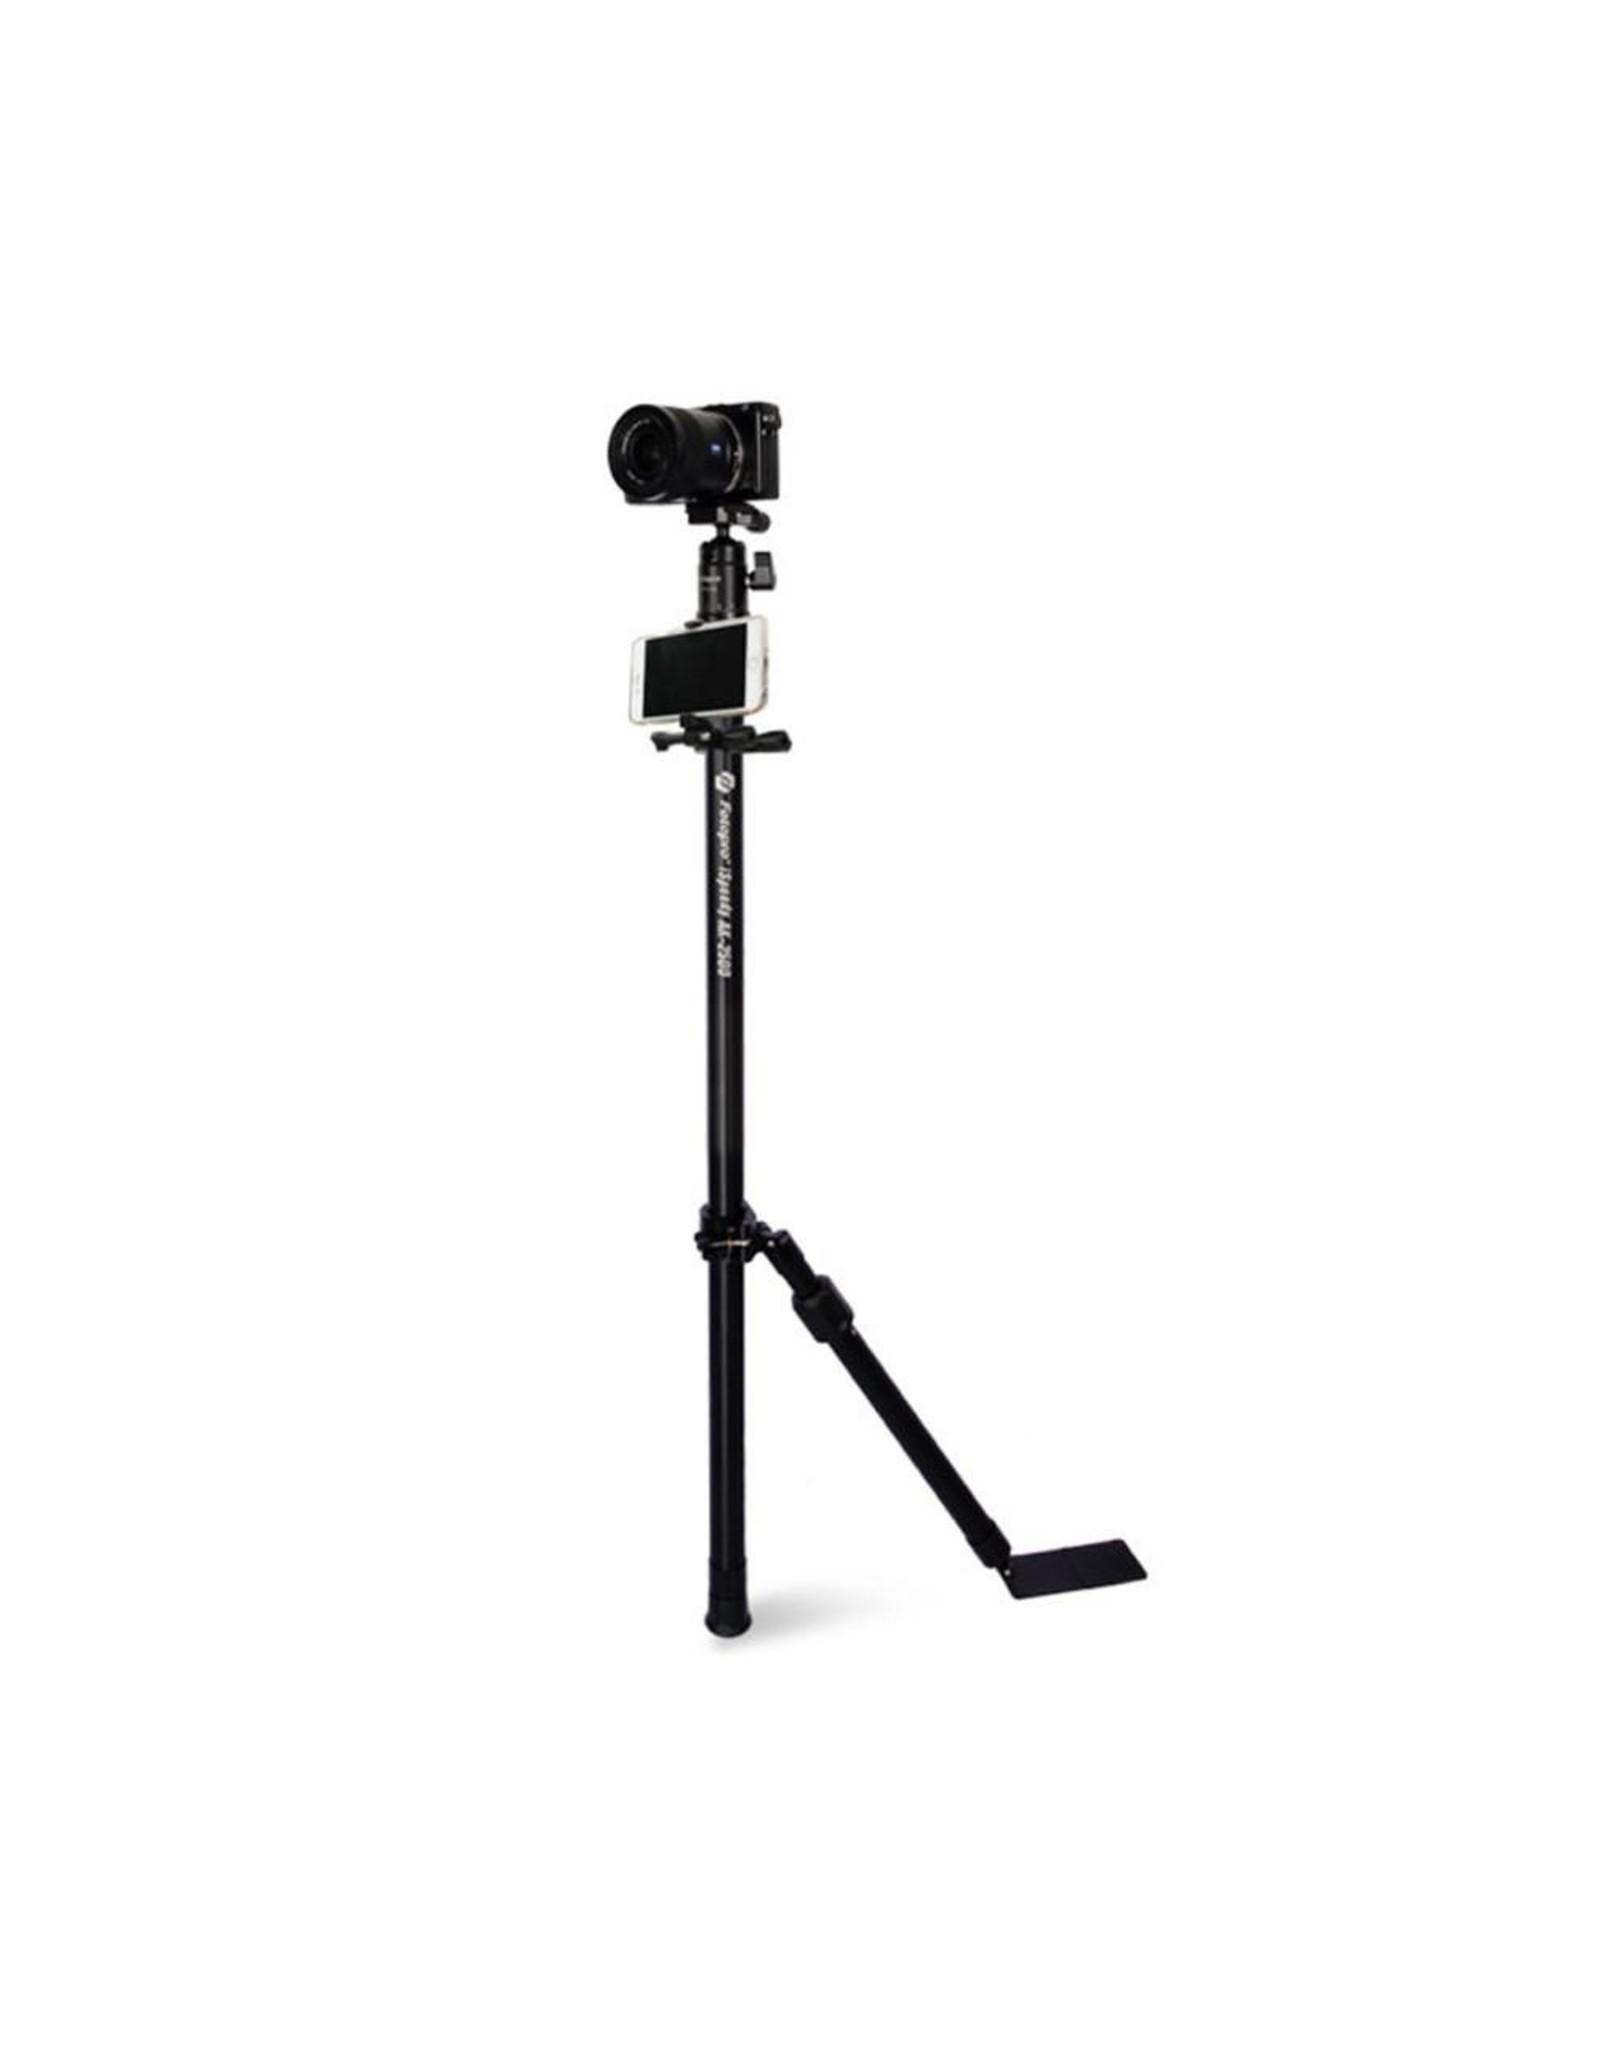 Digitec FotoPro Monopod AK-2500